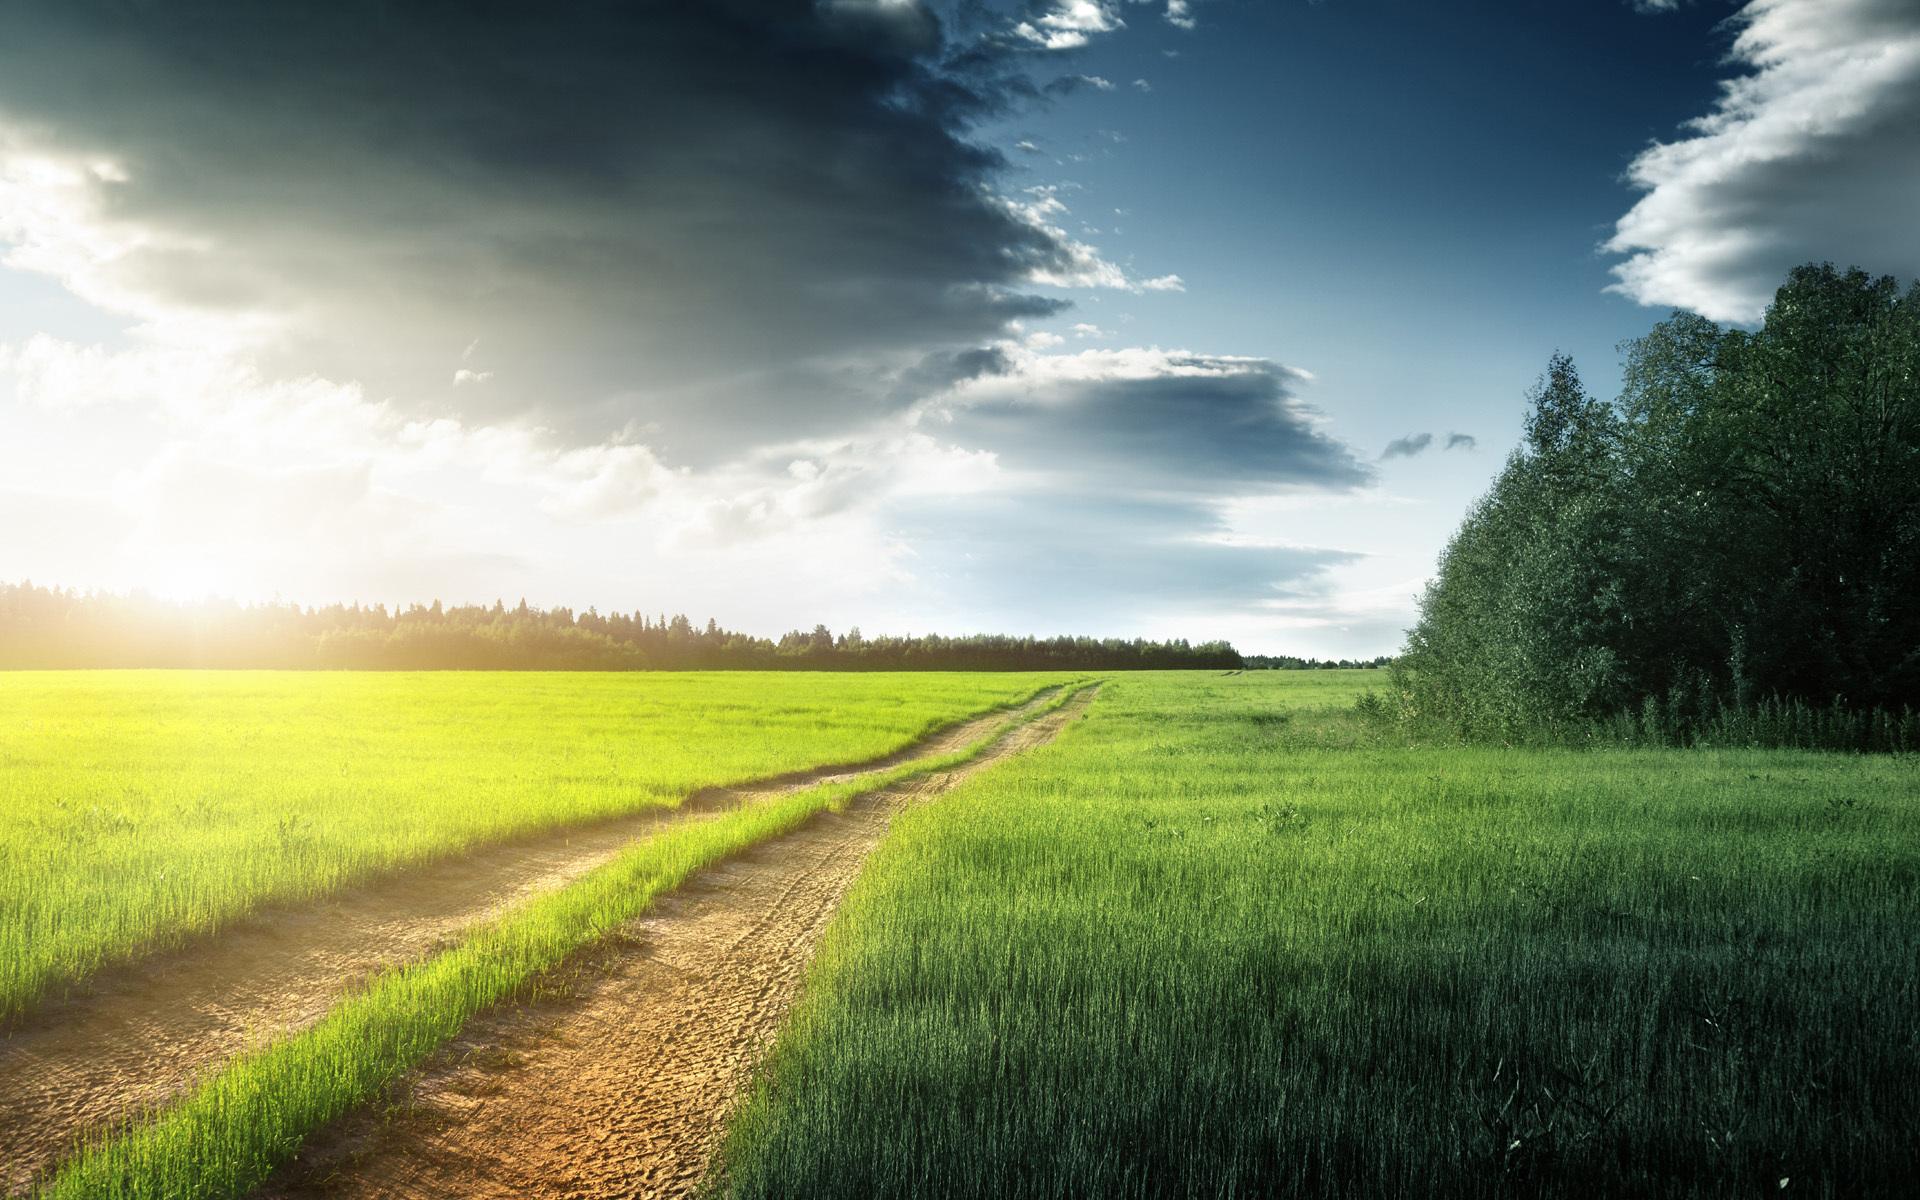 поле степь деревья дорога без смс